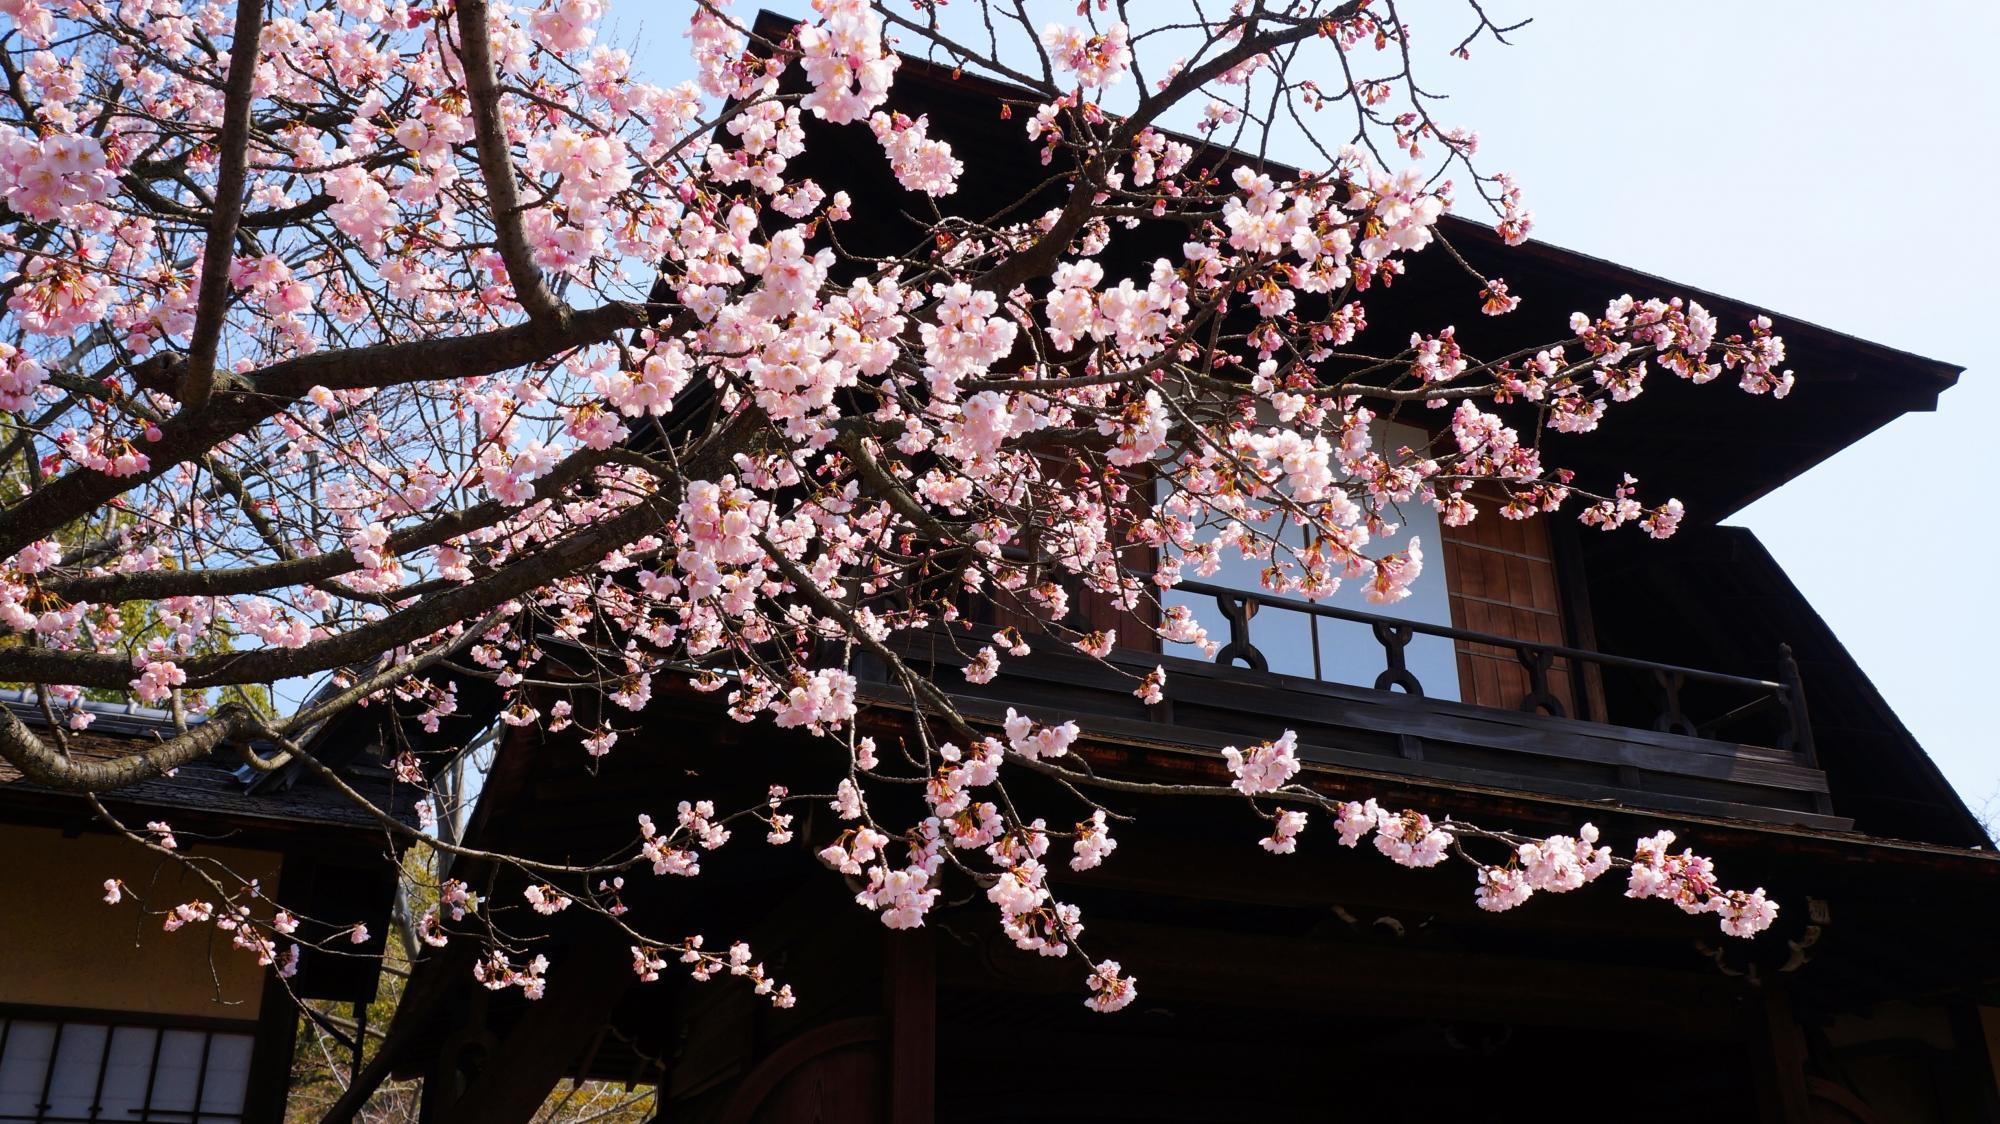 傍花閣と修善寺寒桜の絵になる春の風景